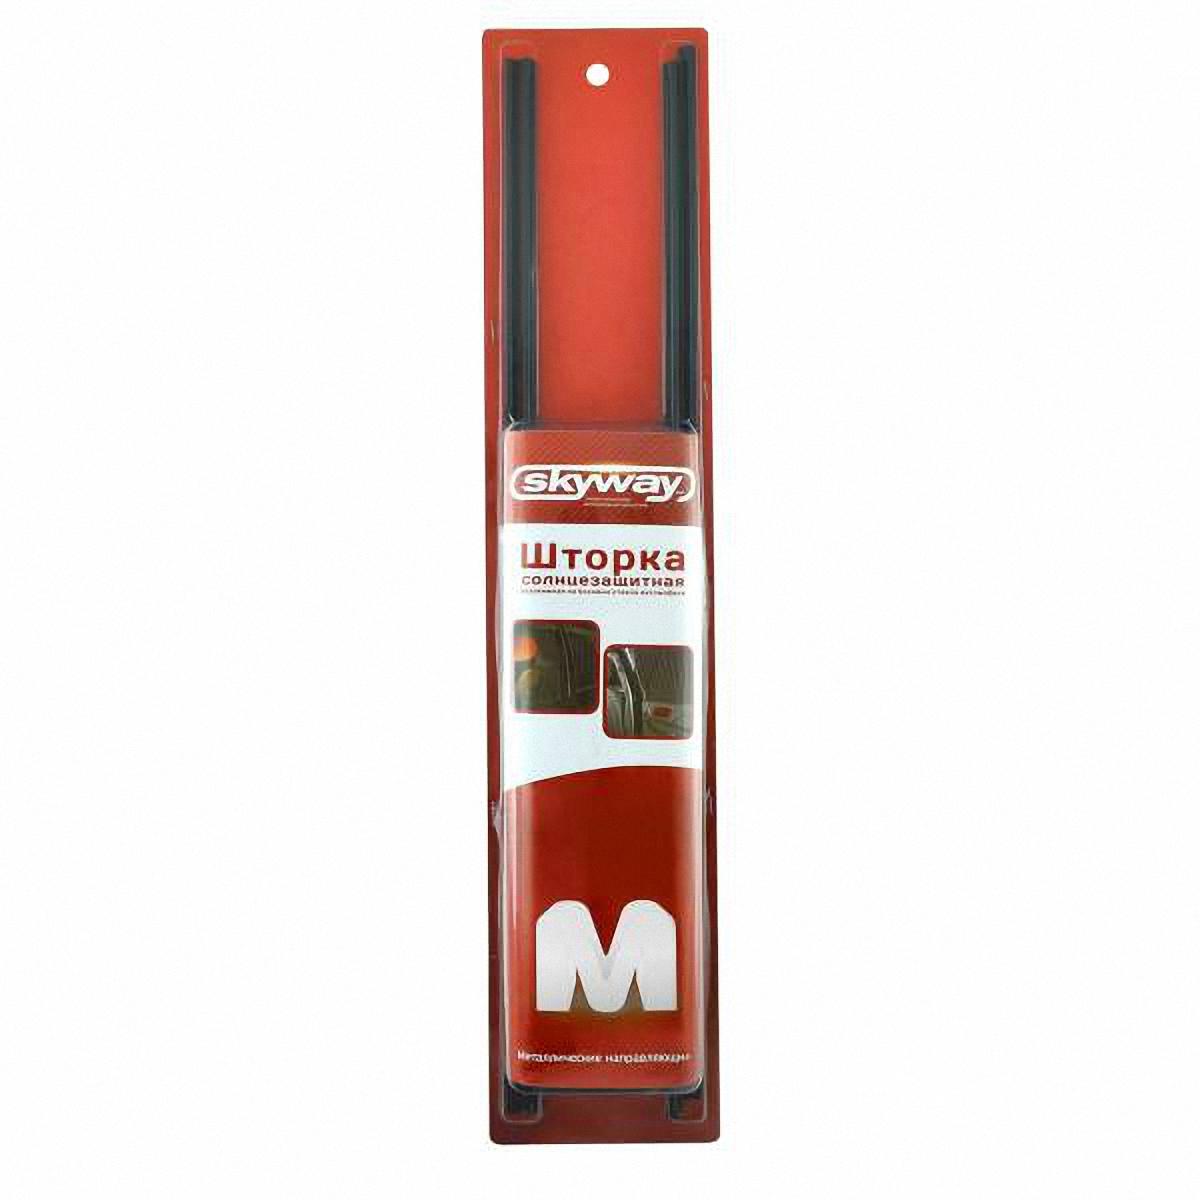 Шторка солнцезащитная Skyway, раздвижная, на боковое стекло, 70 х 47 см, 2 штS01201008Шторка раздвижная на боковые стекла надёжно защитит от прямых солнечных лучей и сохранит прохладу в салоне автомобиля. Крепление: велкро (липучки). Материал направляющих: алюминий. Материал штор: полиэстер. Размер: М (70 х 42-47 см).